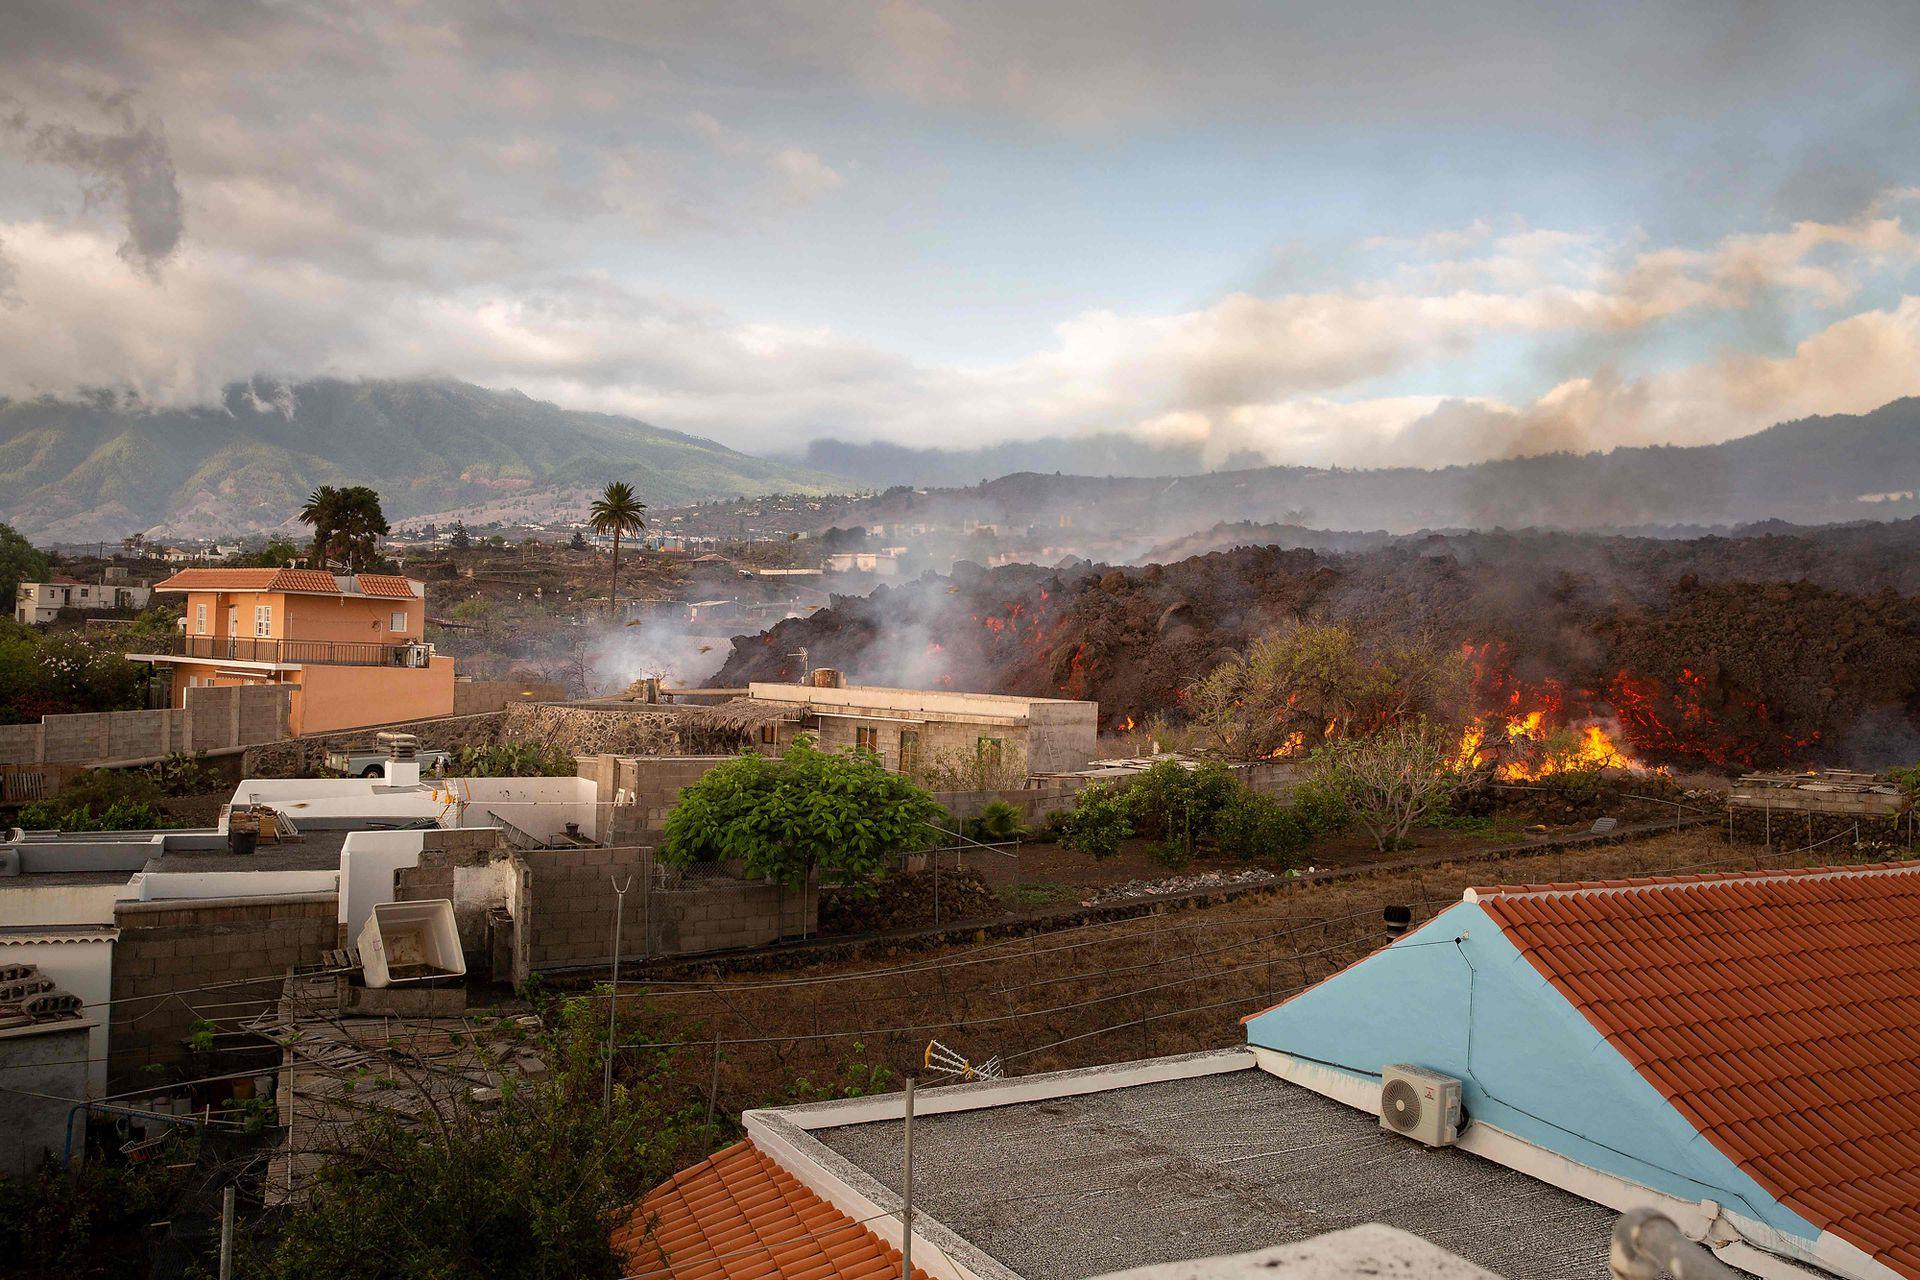 La lava avanza en dirección al mar, los científicos se muestran preocupados por los efectos tóxicos que el choque puede tener al tomar contacto con el agua